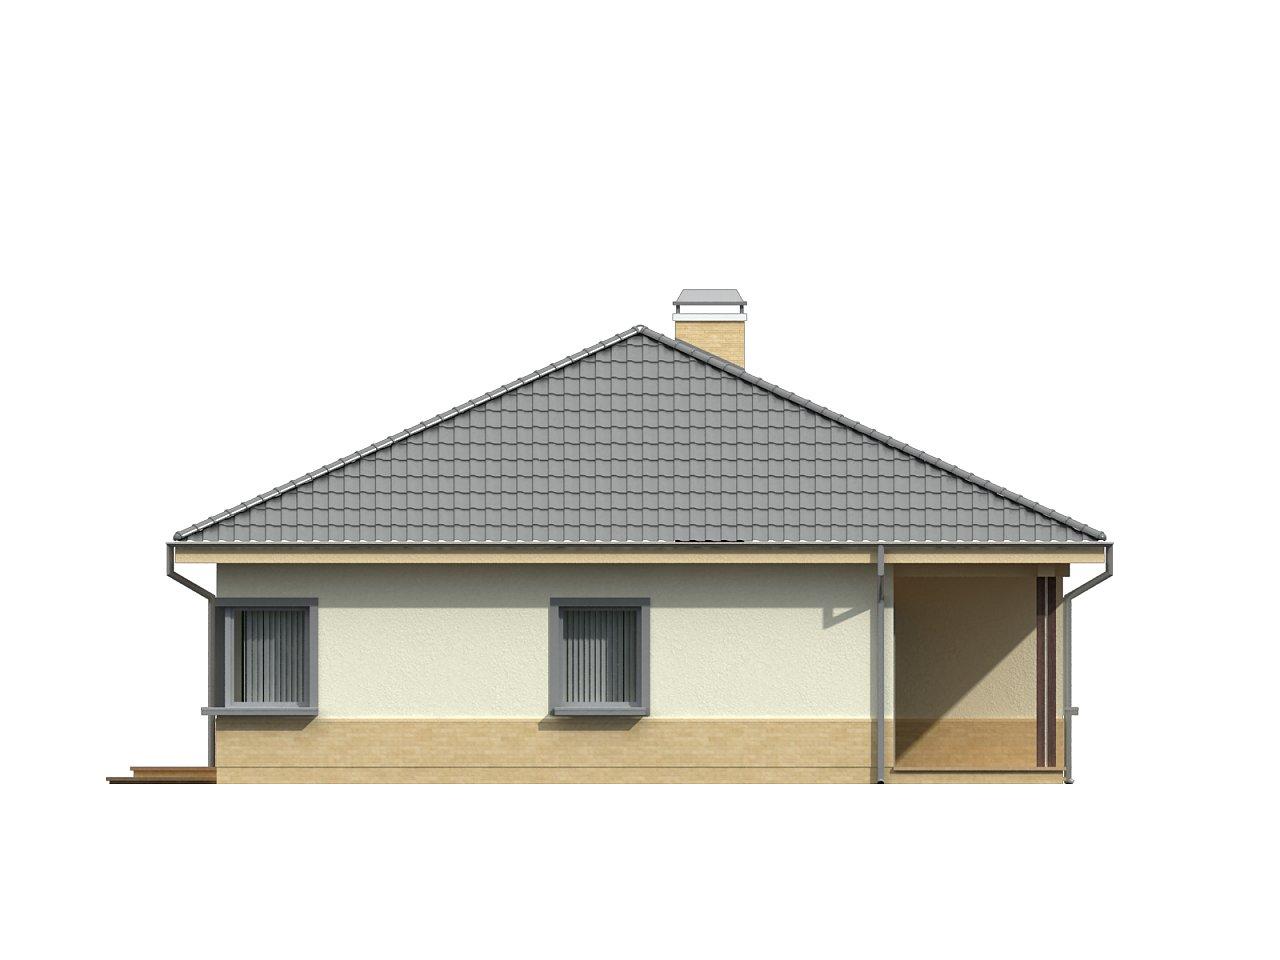 Практичный одноэтажный дом с 4-х скатной кровлей и угловым окном в кухне. 23